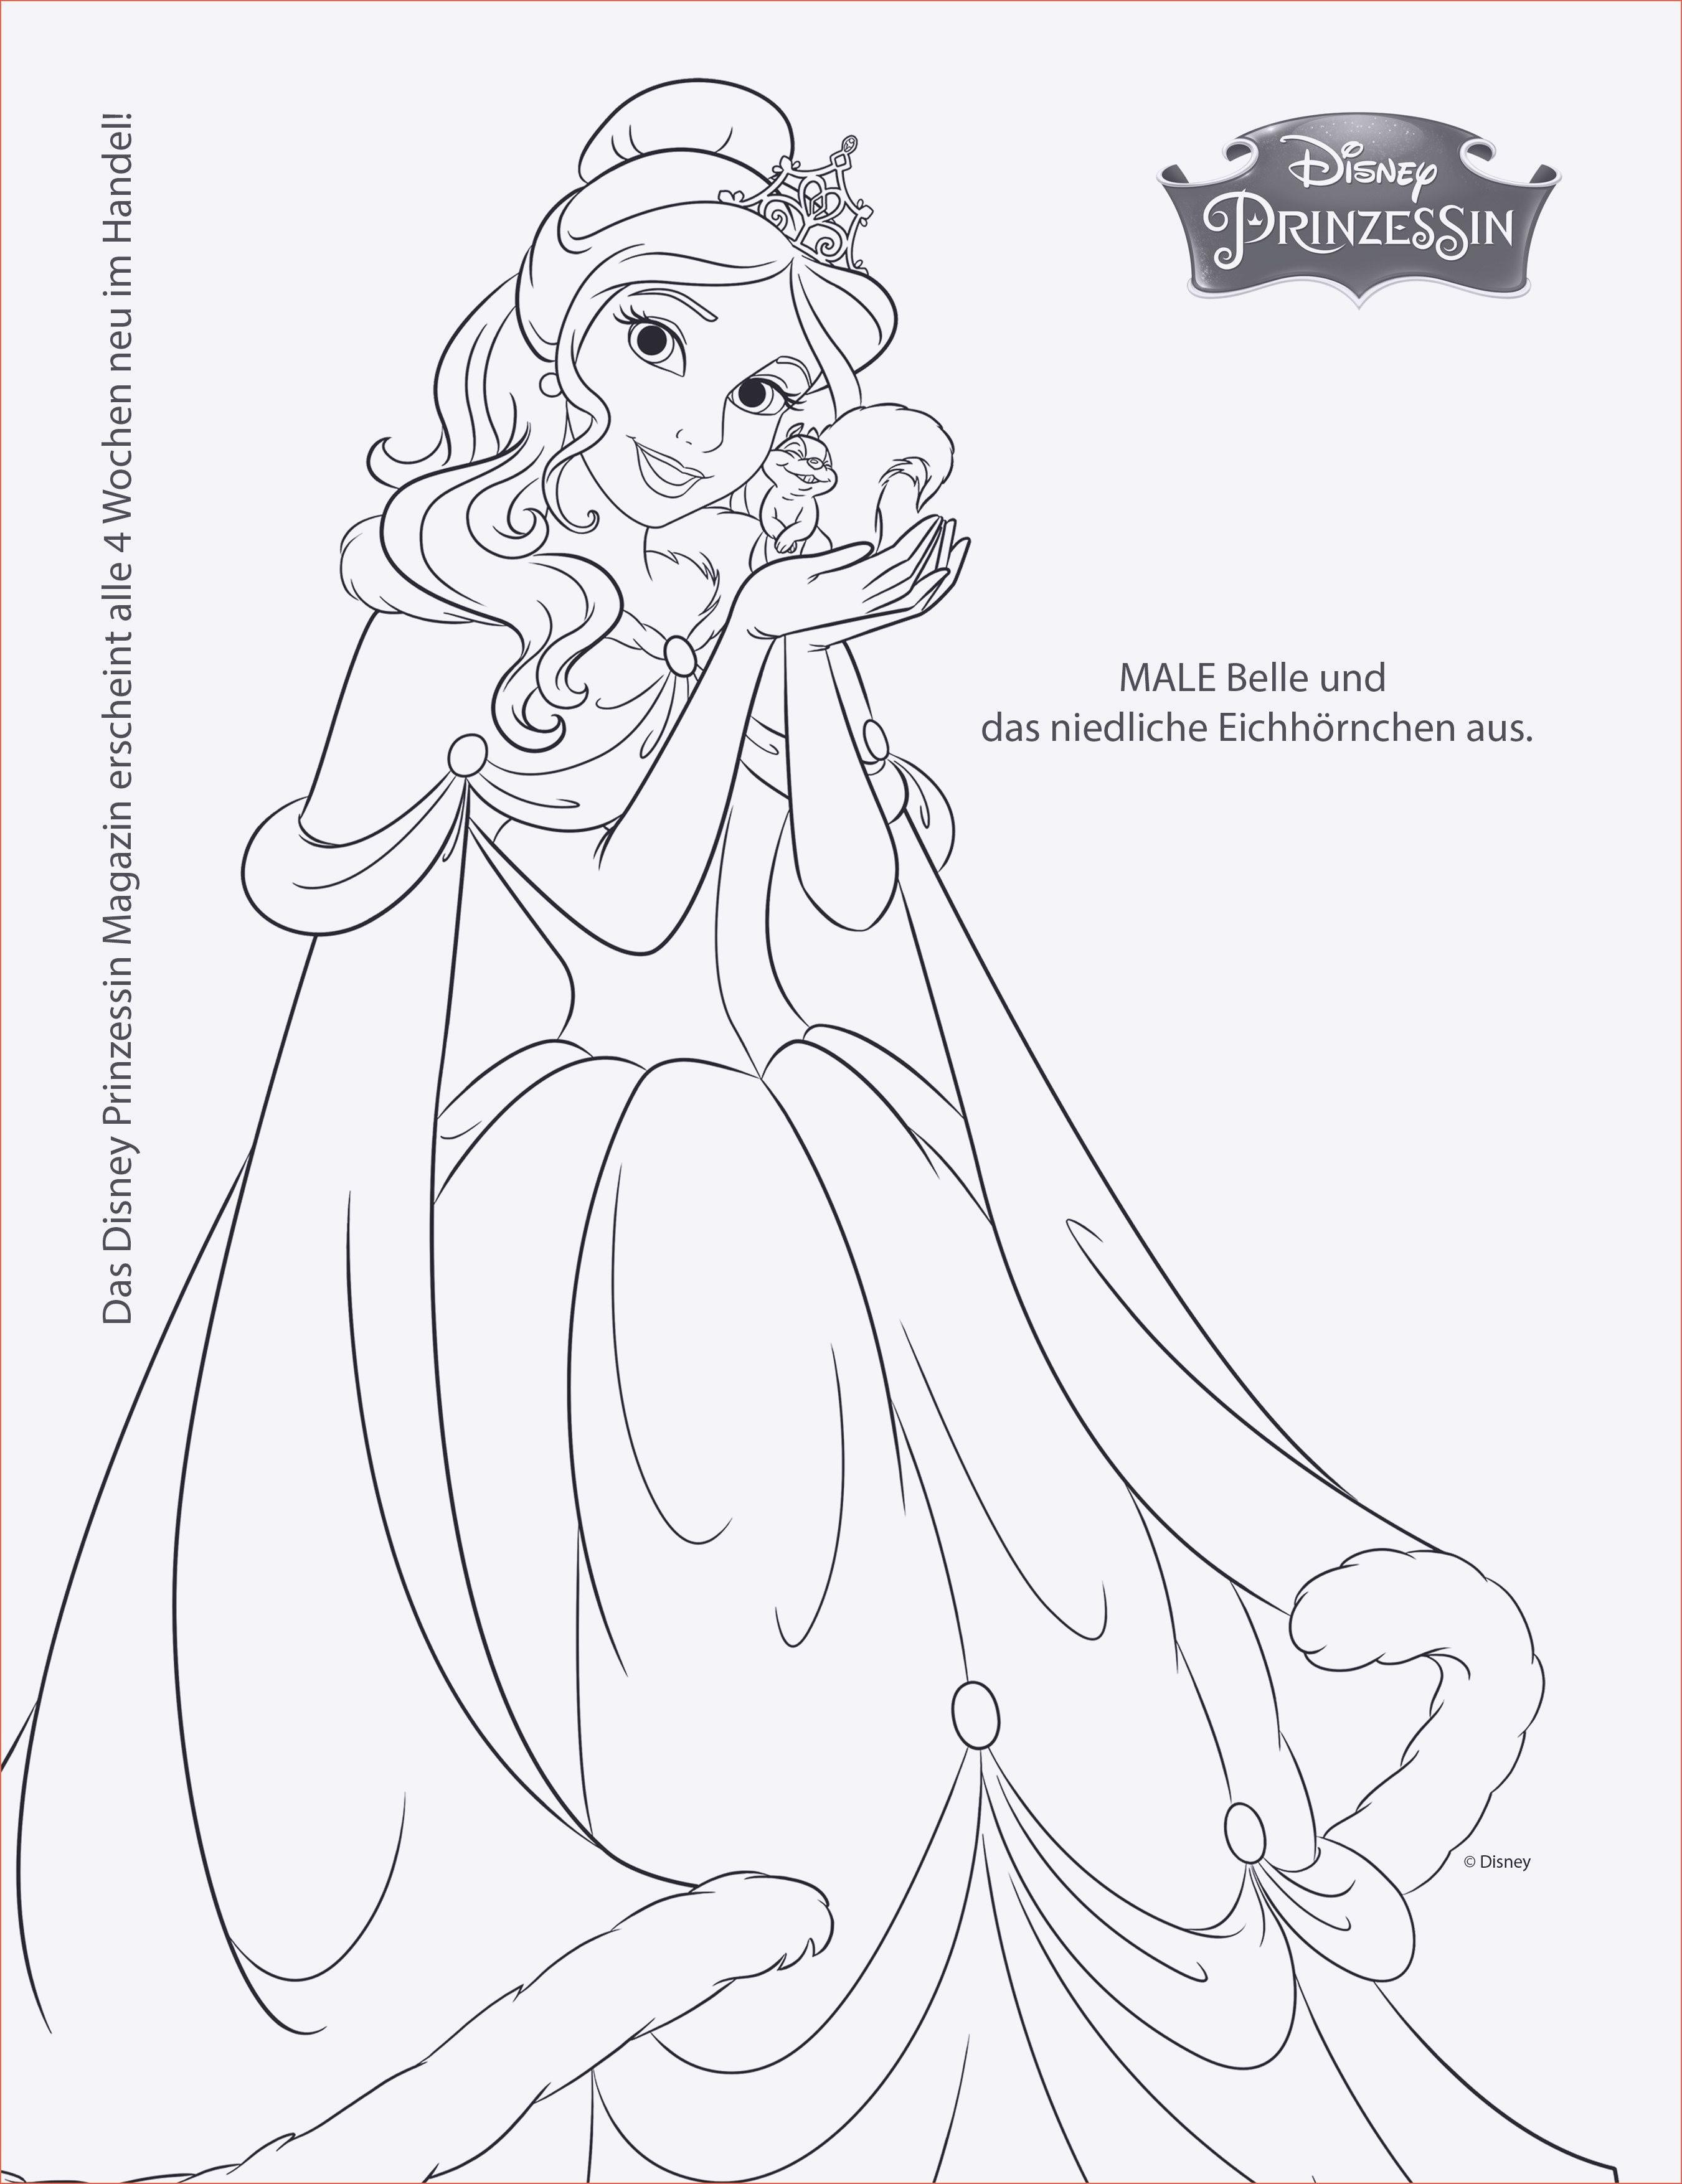 Disney Ausmalbilder Online Ausmalen Einzigartig Ausmalbilder Zum Ausdrucken Disney Ausmalbilder Pony 0d Sammlung